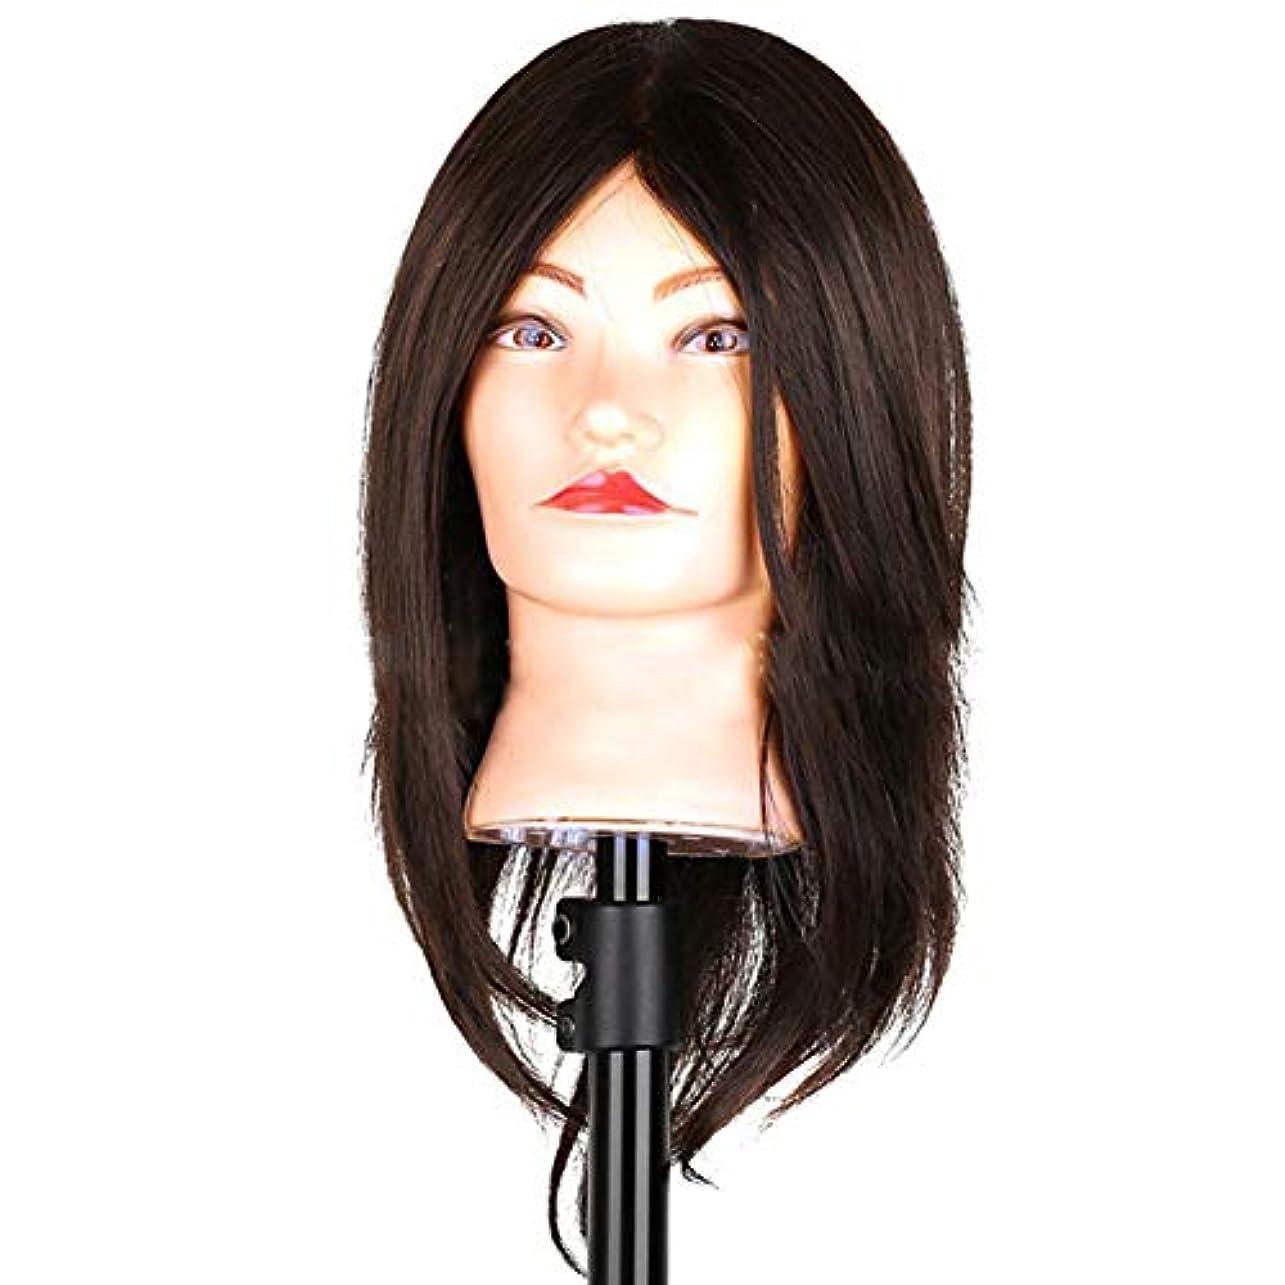 相談私たち自身ゾーンヘアマネキンヘッド練習ディスク髪編組ヘッドモデル理髪店学校教育かつらヘッドバンドブラケット